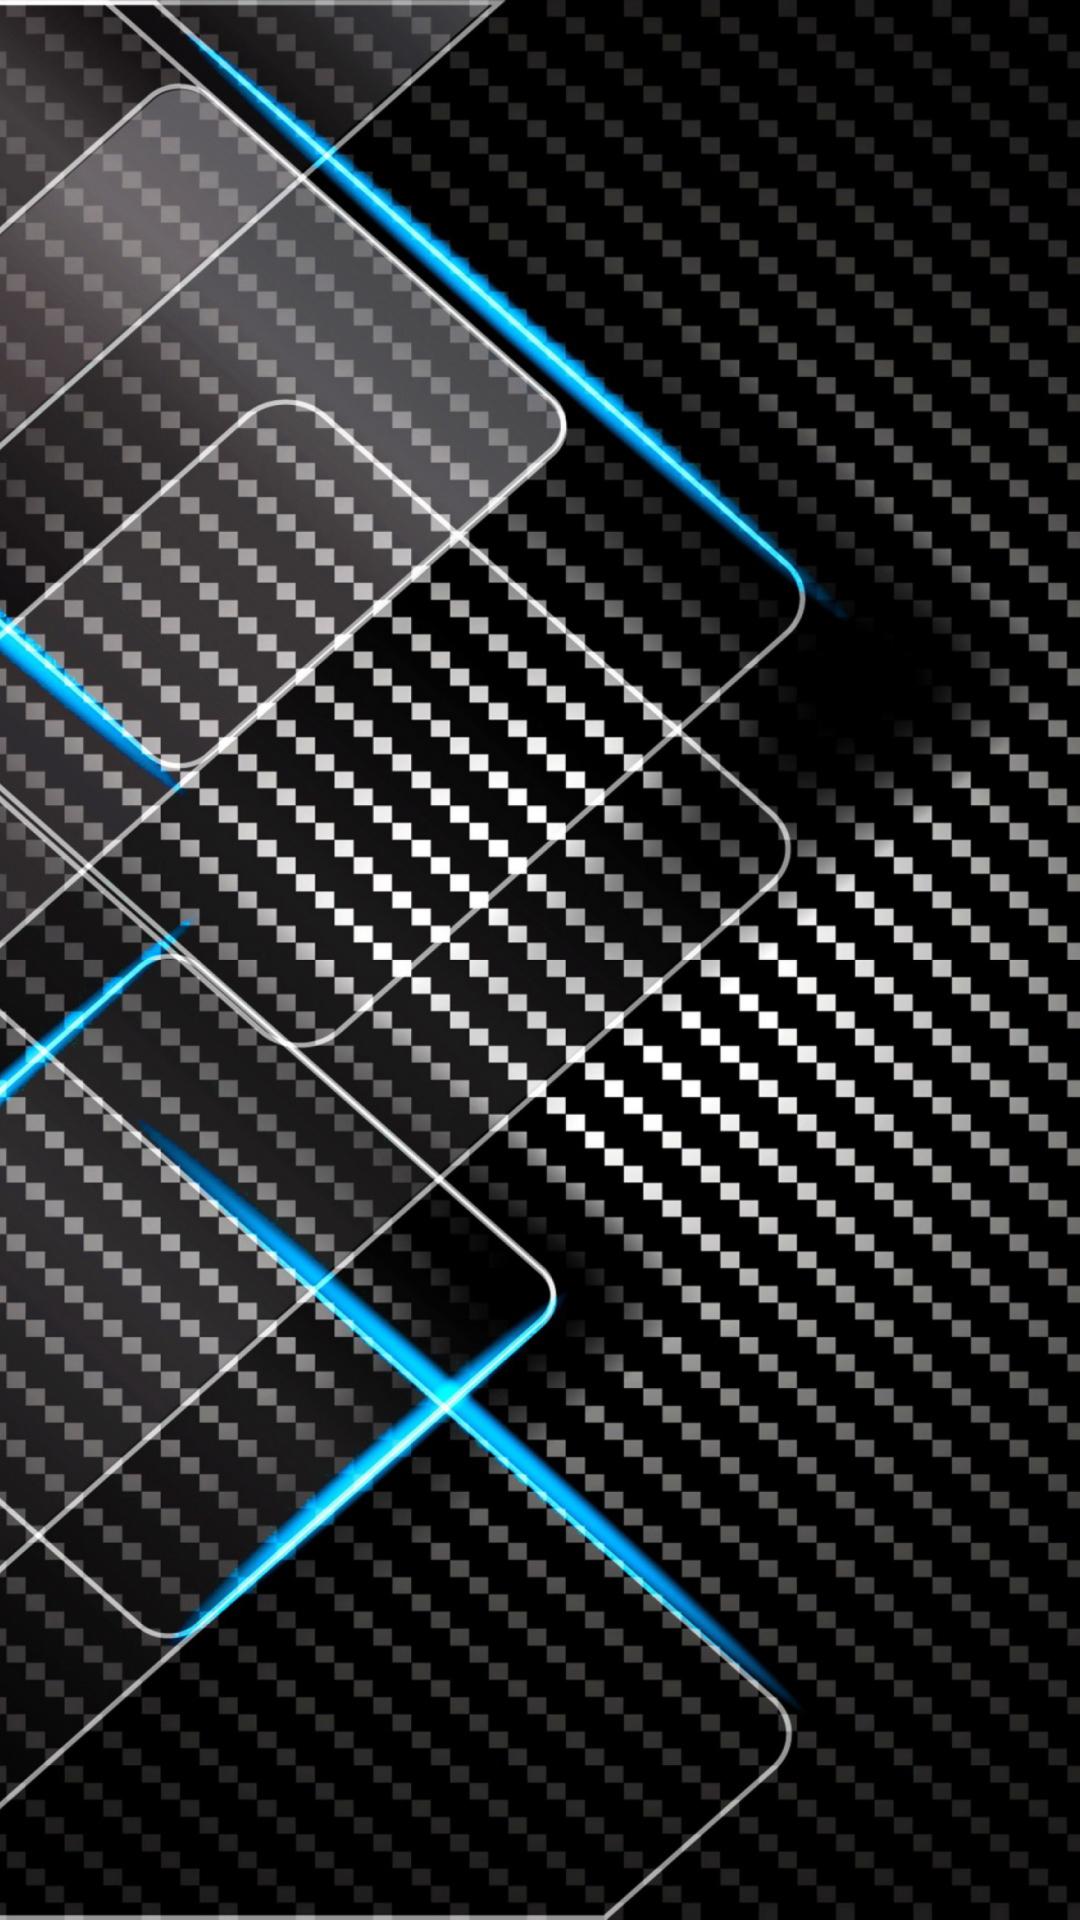 киберэлектроника картинки на телефон падалка